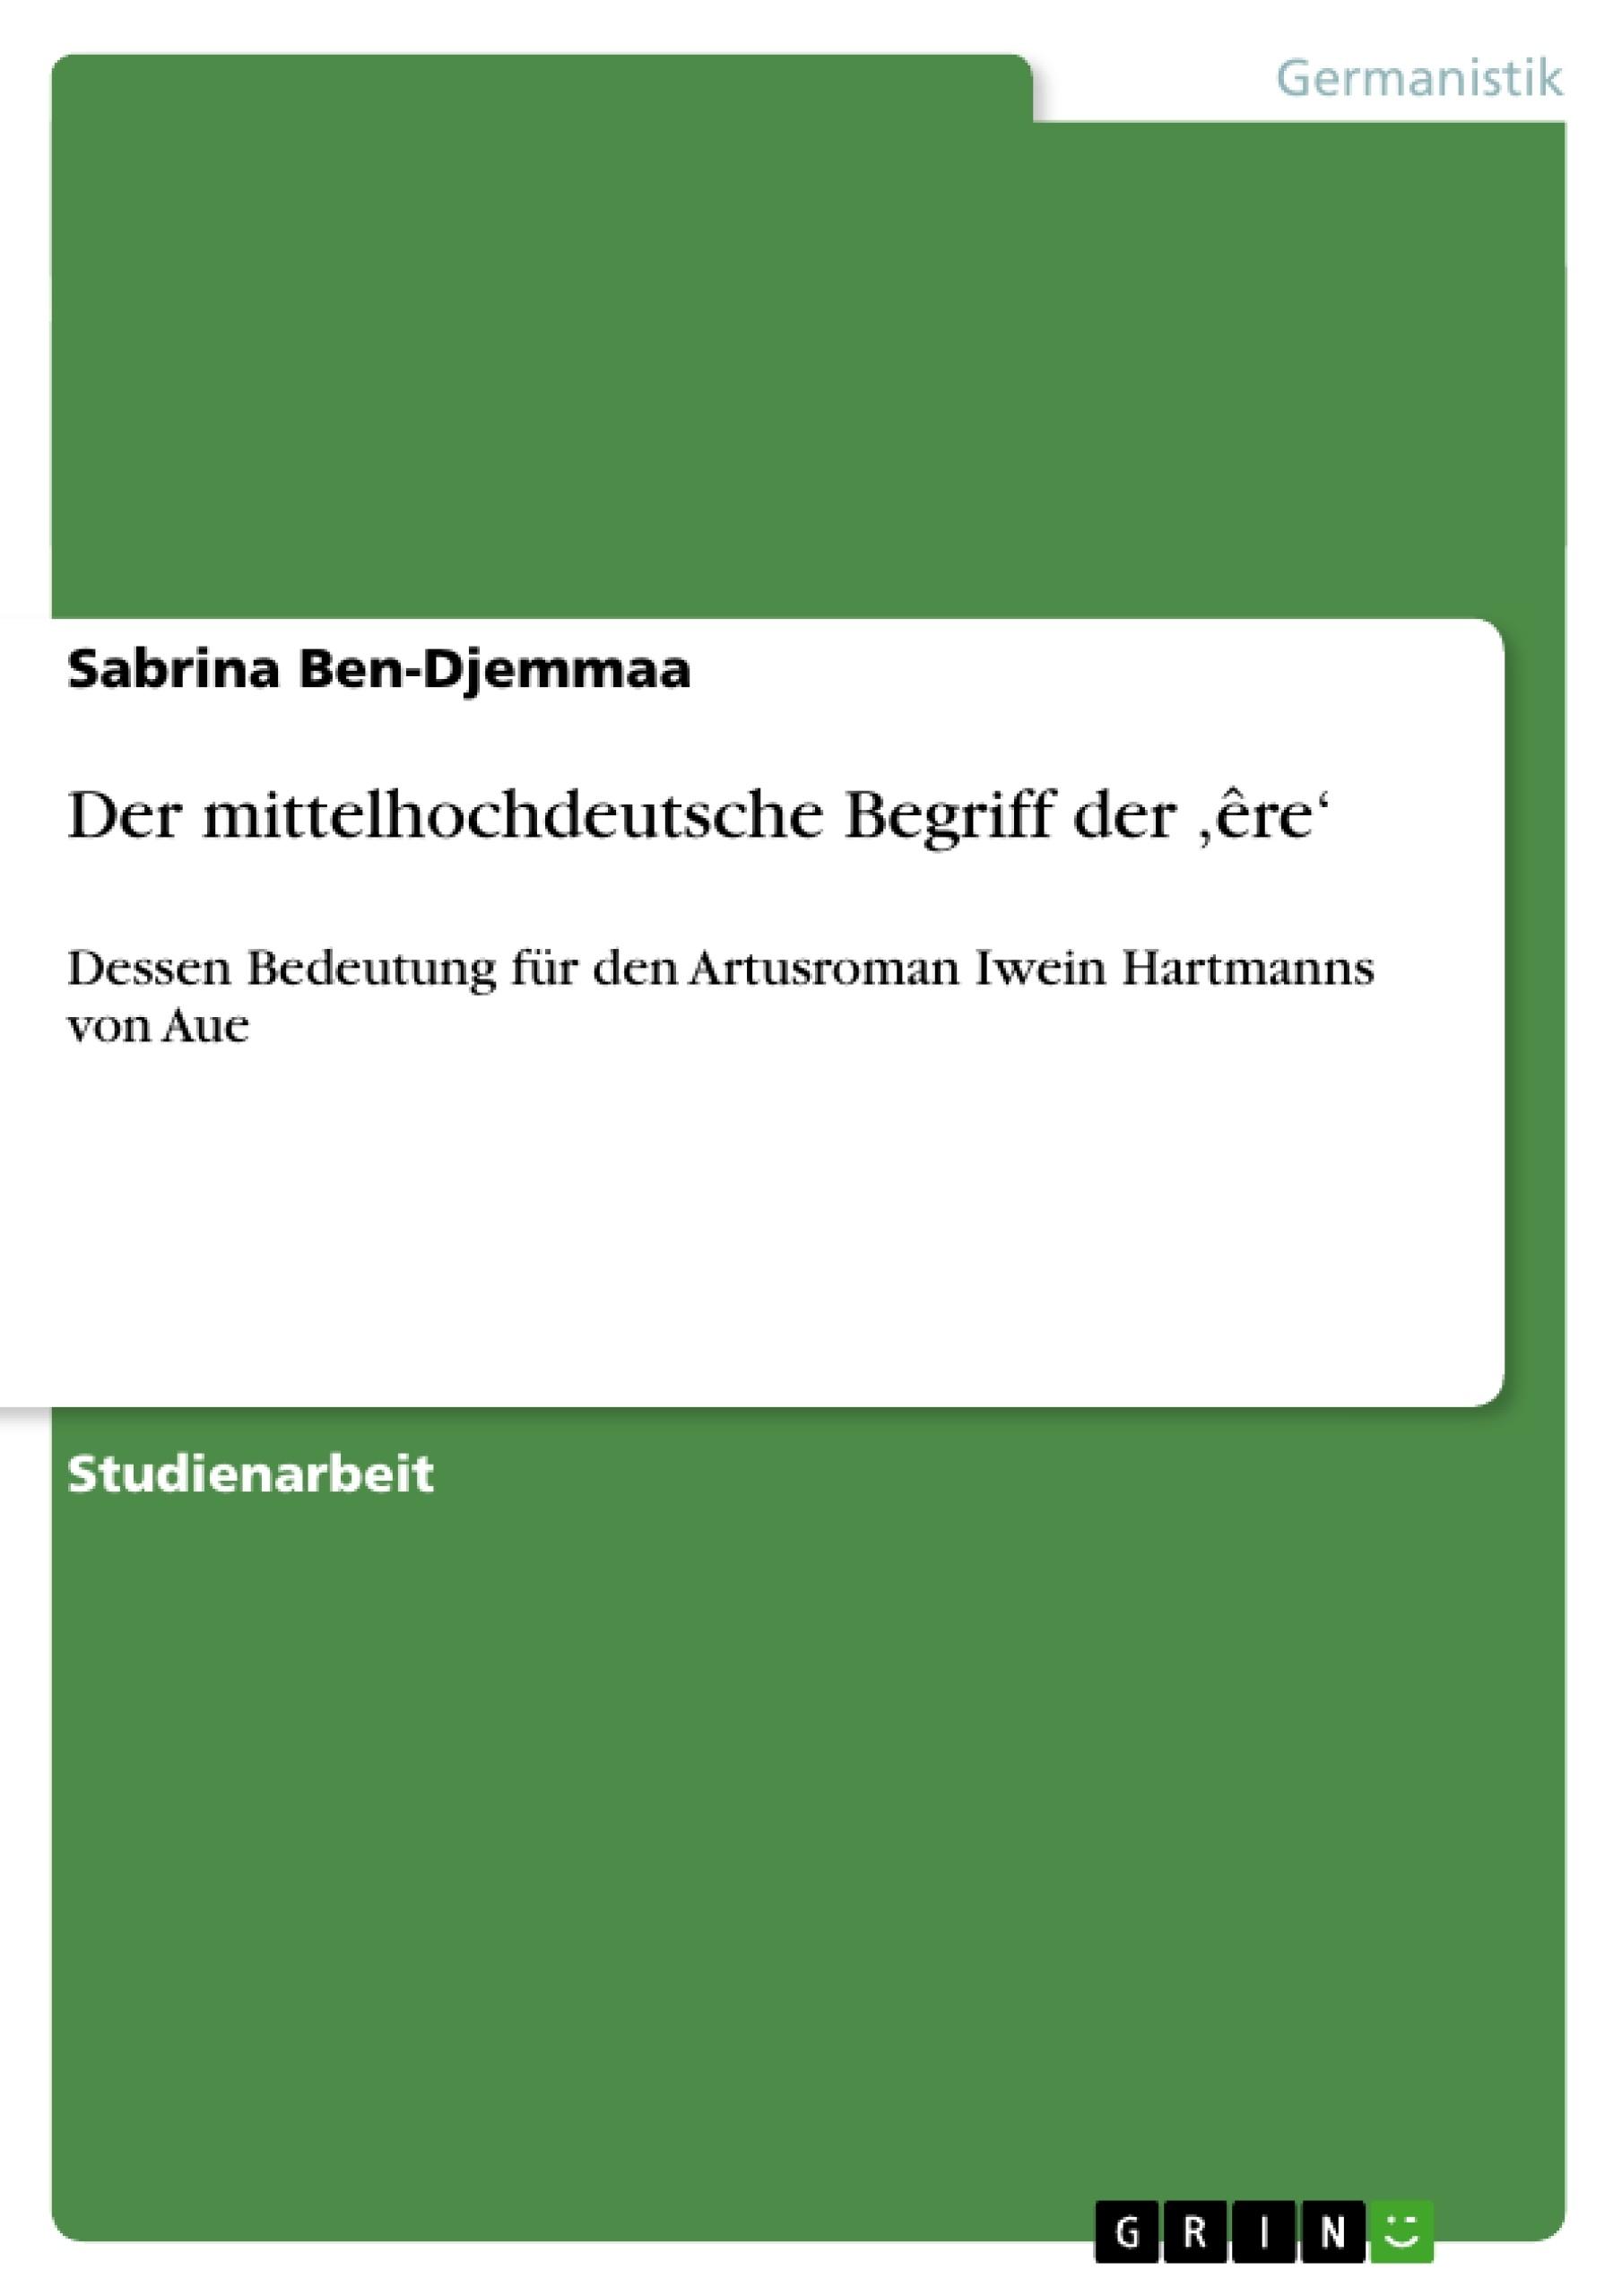 Titel: Der mittelhochdeutsche Begriff der ,êre'